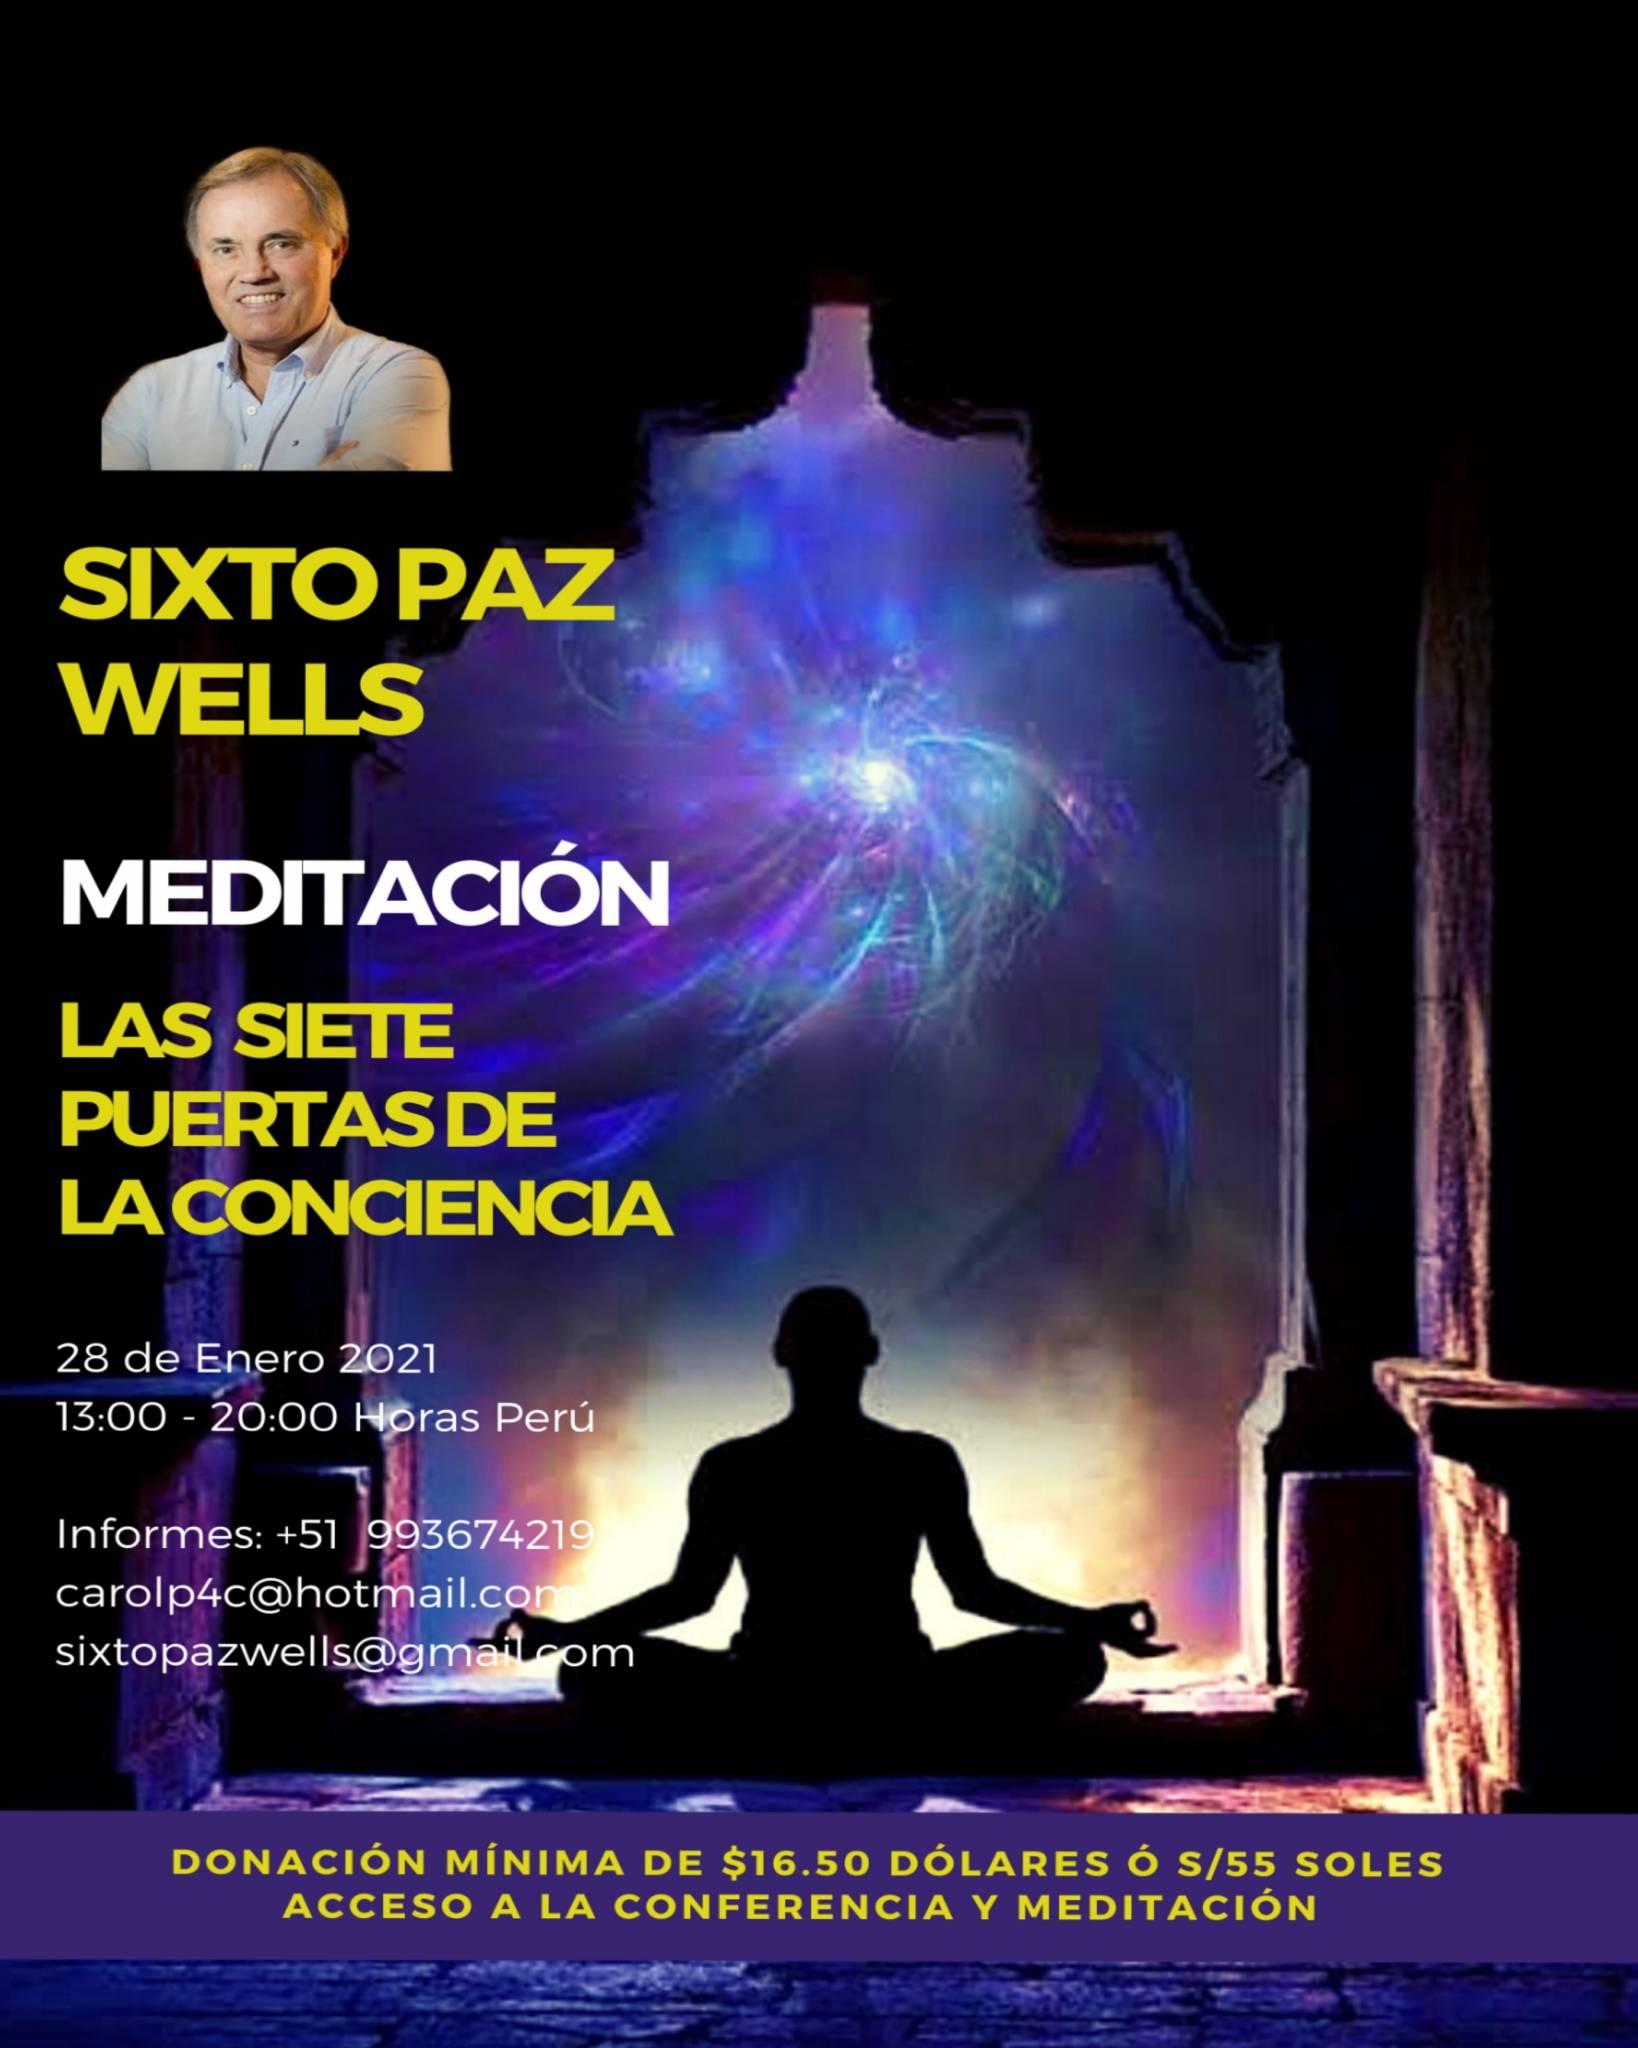 MEDITACIÓN«LAS SIETE PUERTAS DE LA CONCIENCIA»